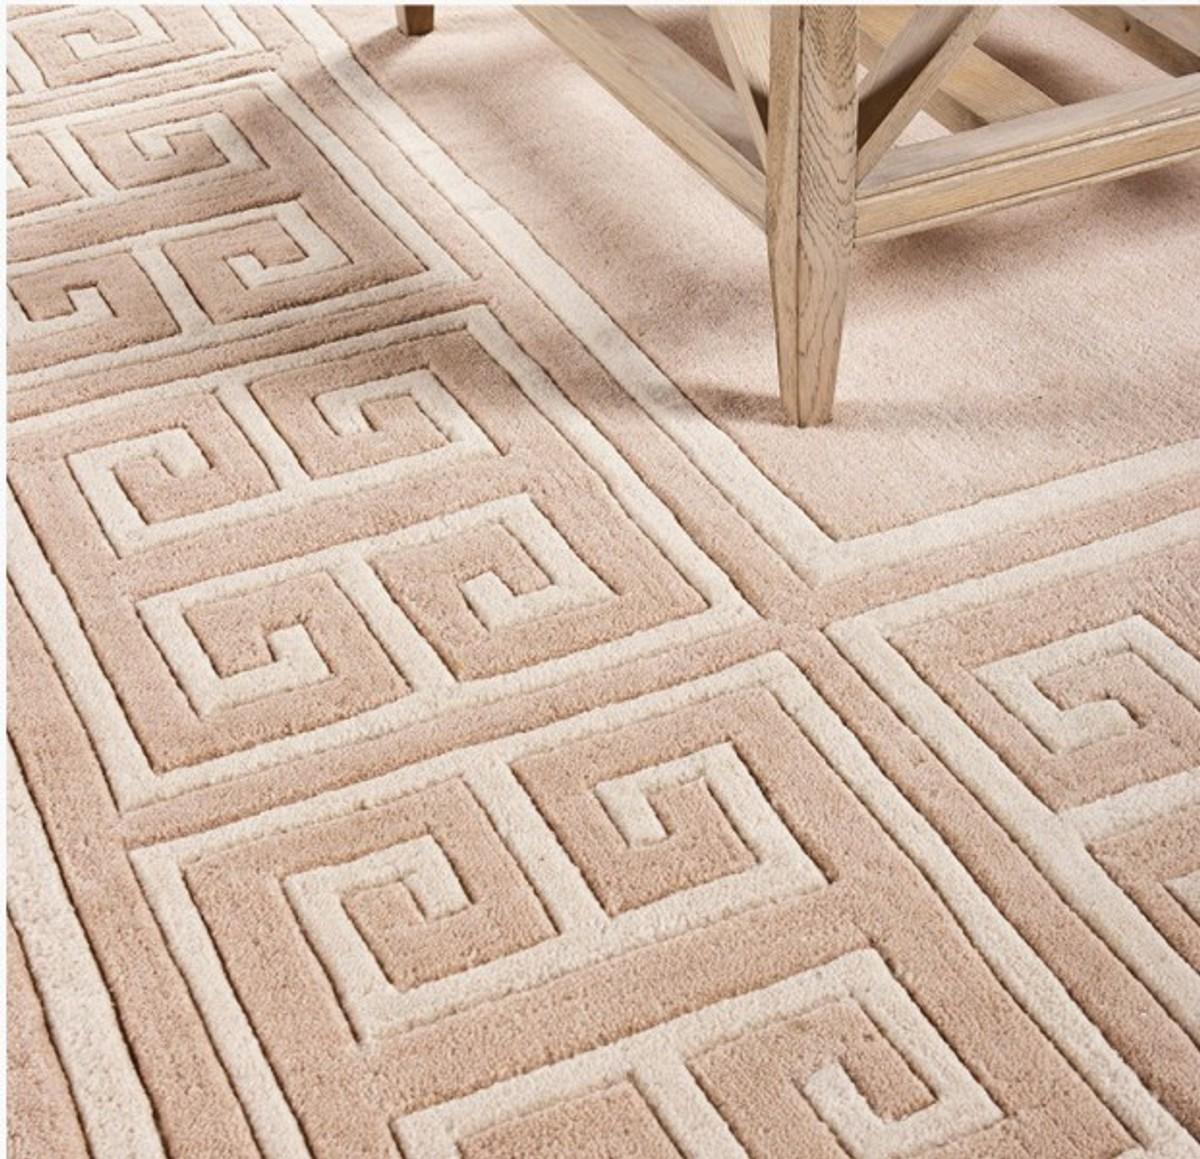 Wunderschoner Luxus Teppich Aus 100 Neuseeland Wolle Mit Maander